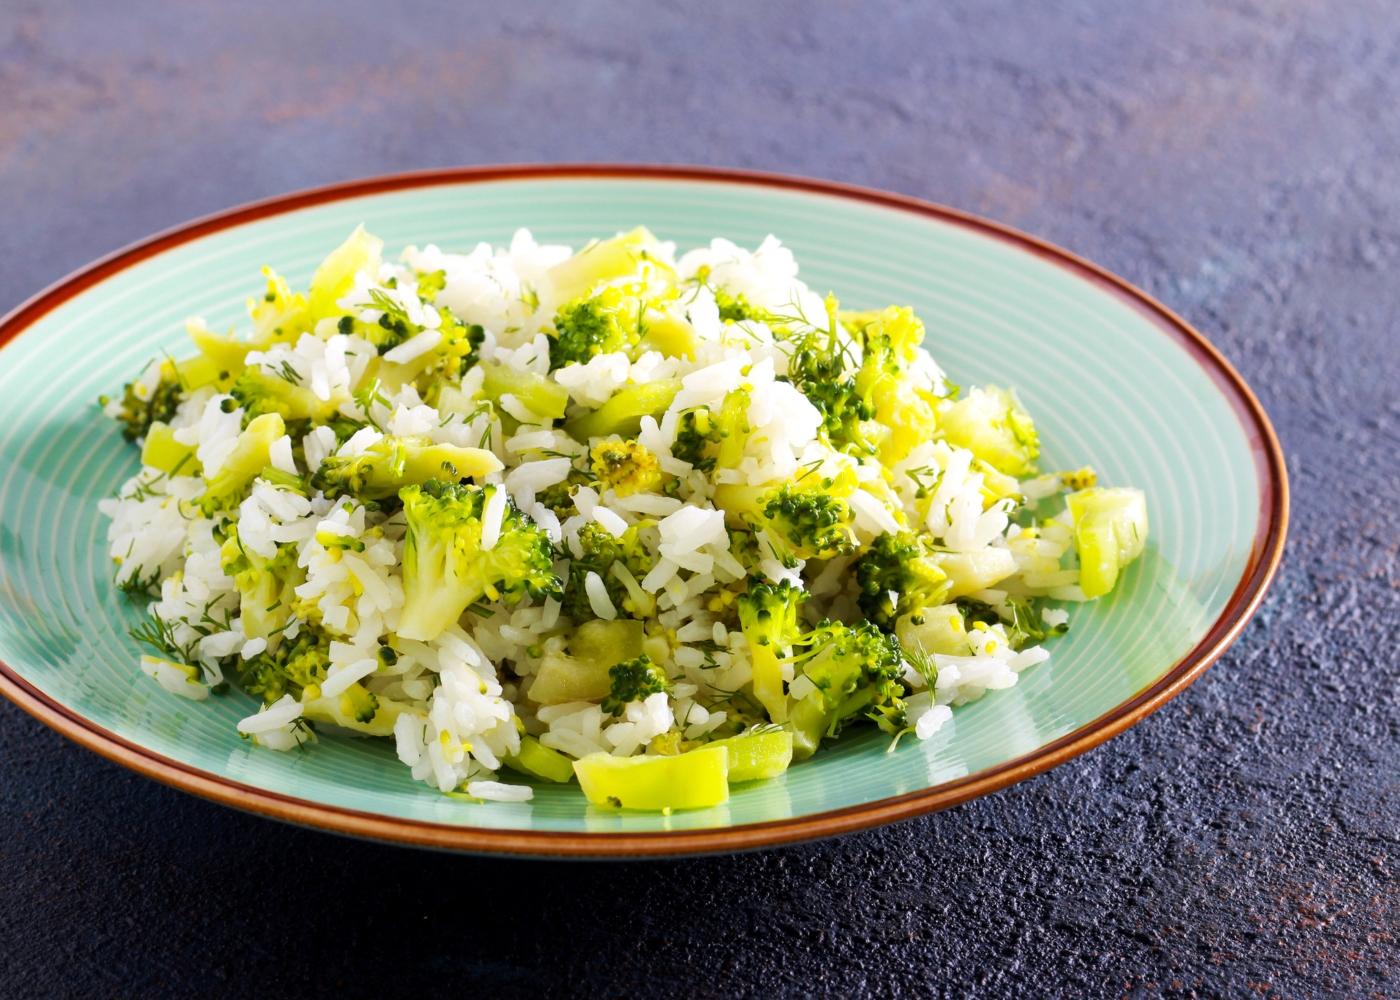 prato azul com arroz de brócolos